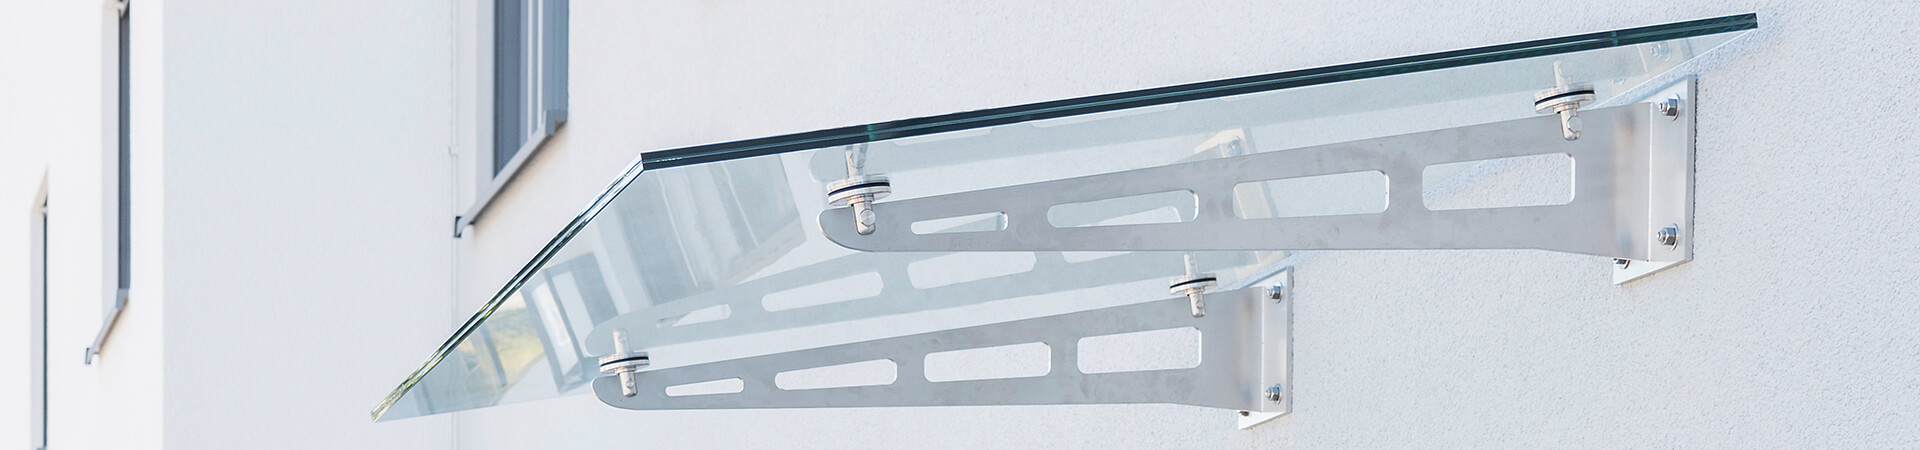 Glasvordach Canopy Blade - Das Vordach aus Glas für ...